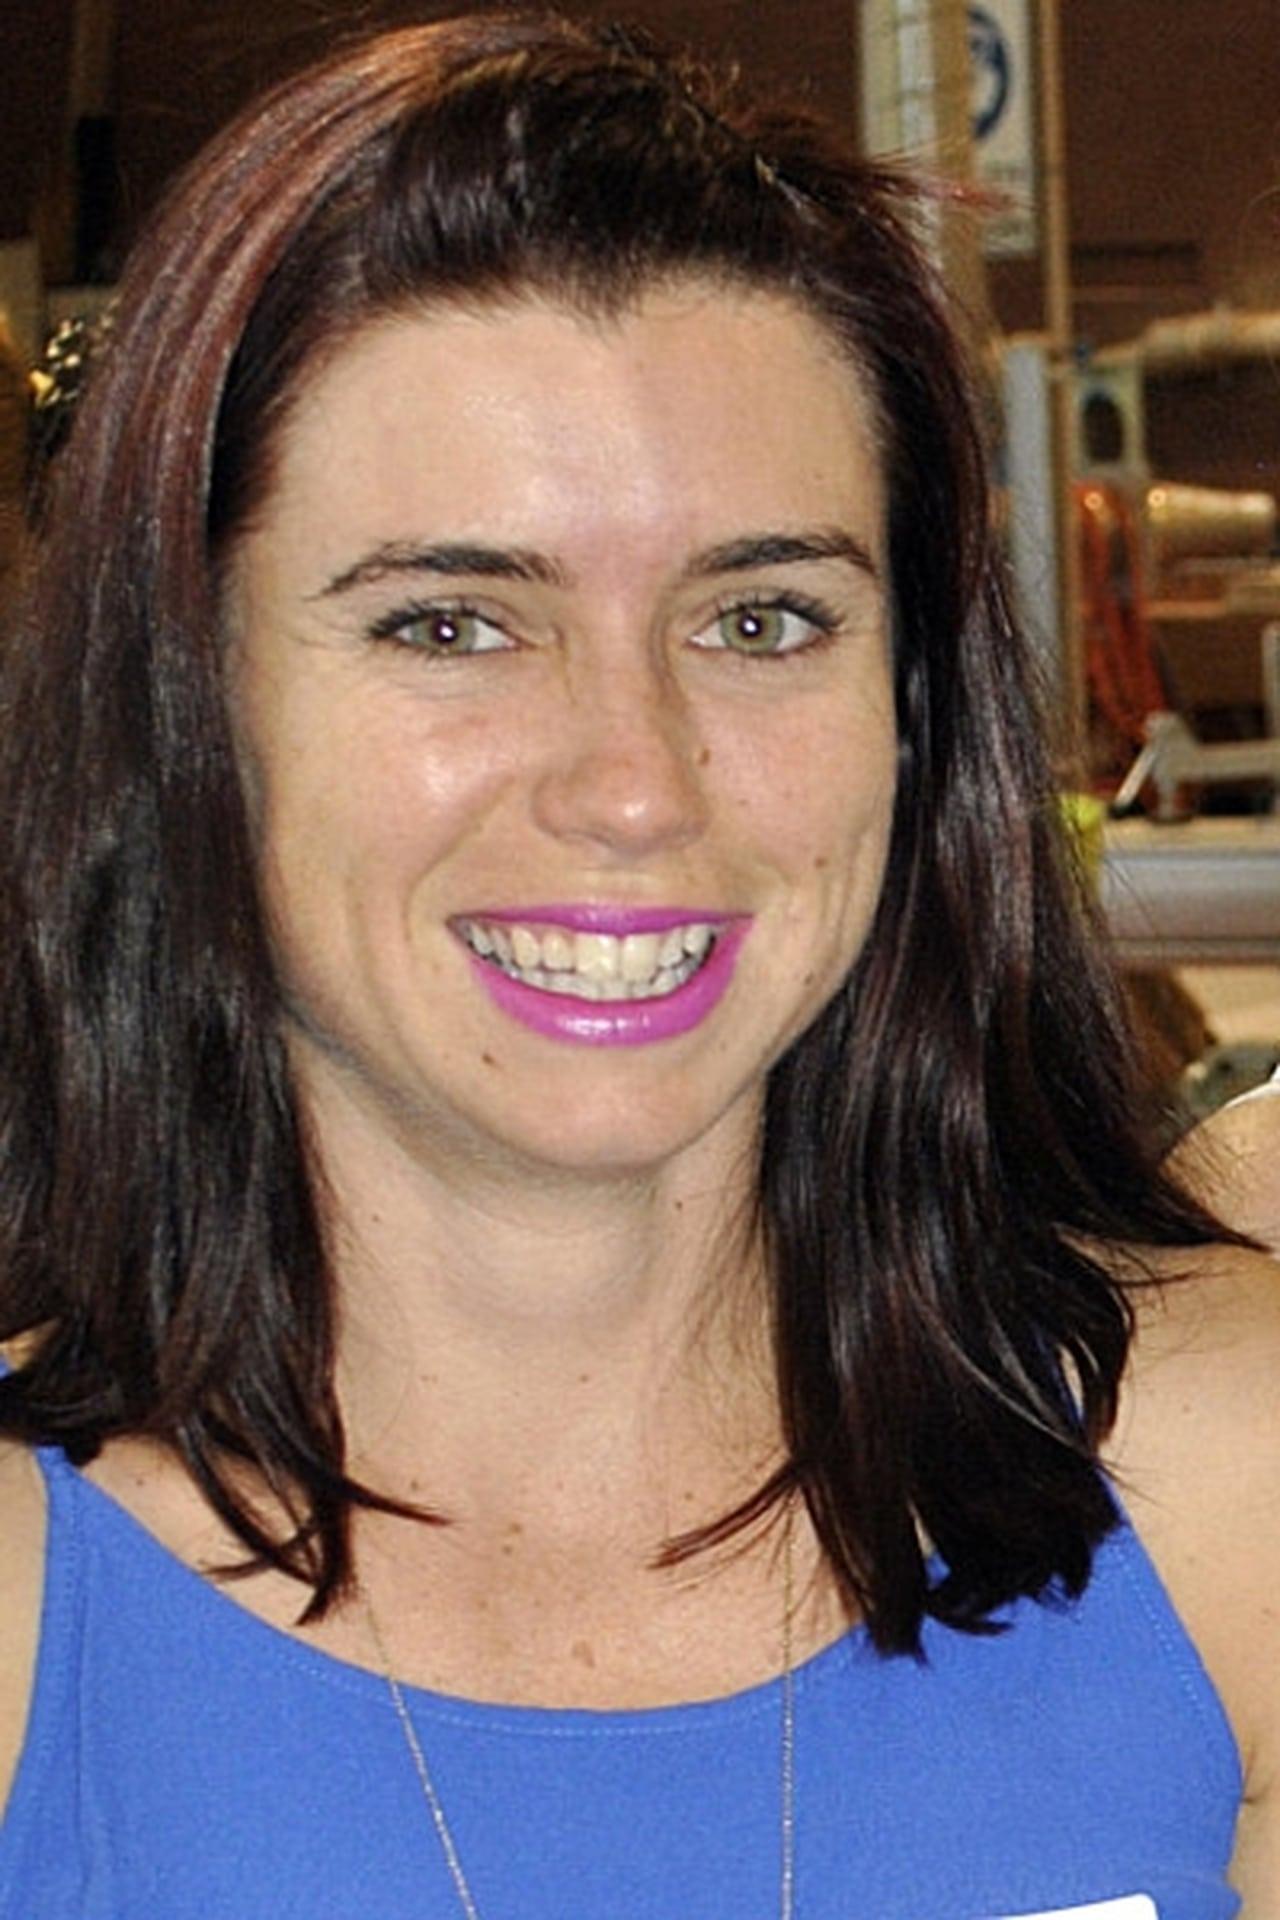 Lisa Machin